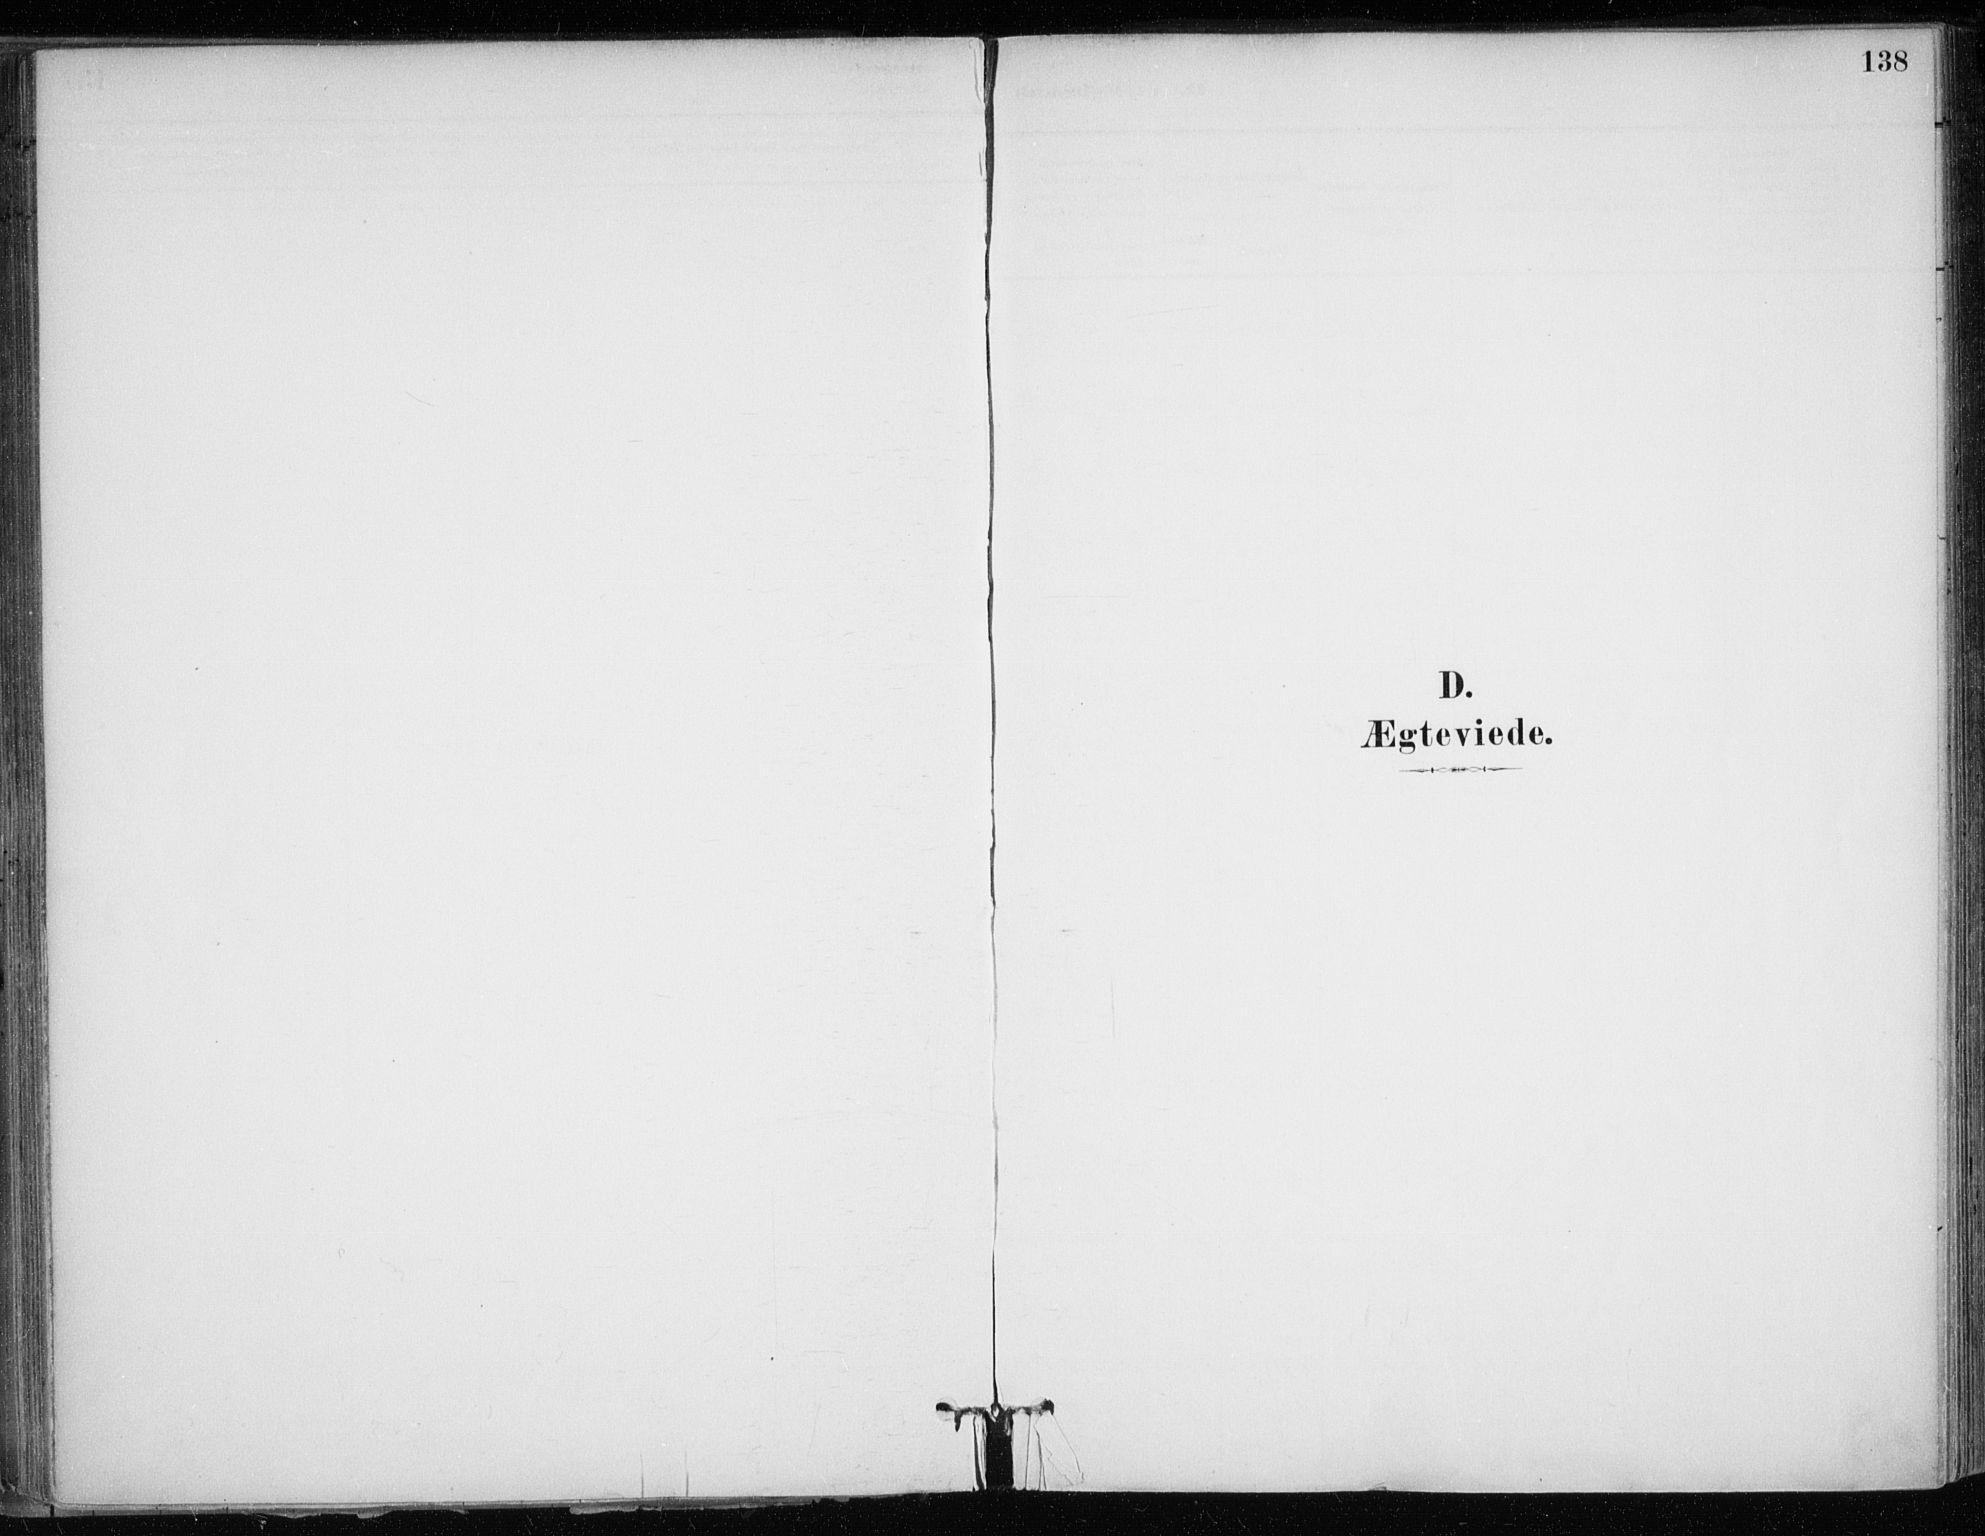 SATØ, Hammerfest sokneprestkontor, H/Ha/L0013.kirke: Ministerialbok nr. 13, 1898-1917, s. 138